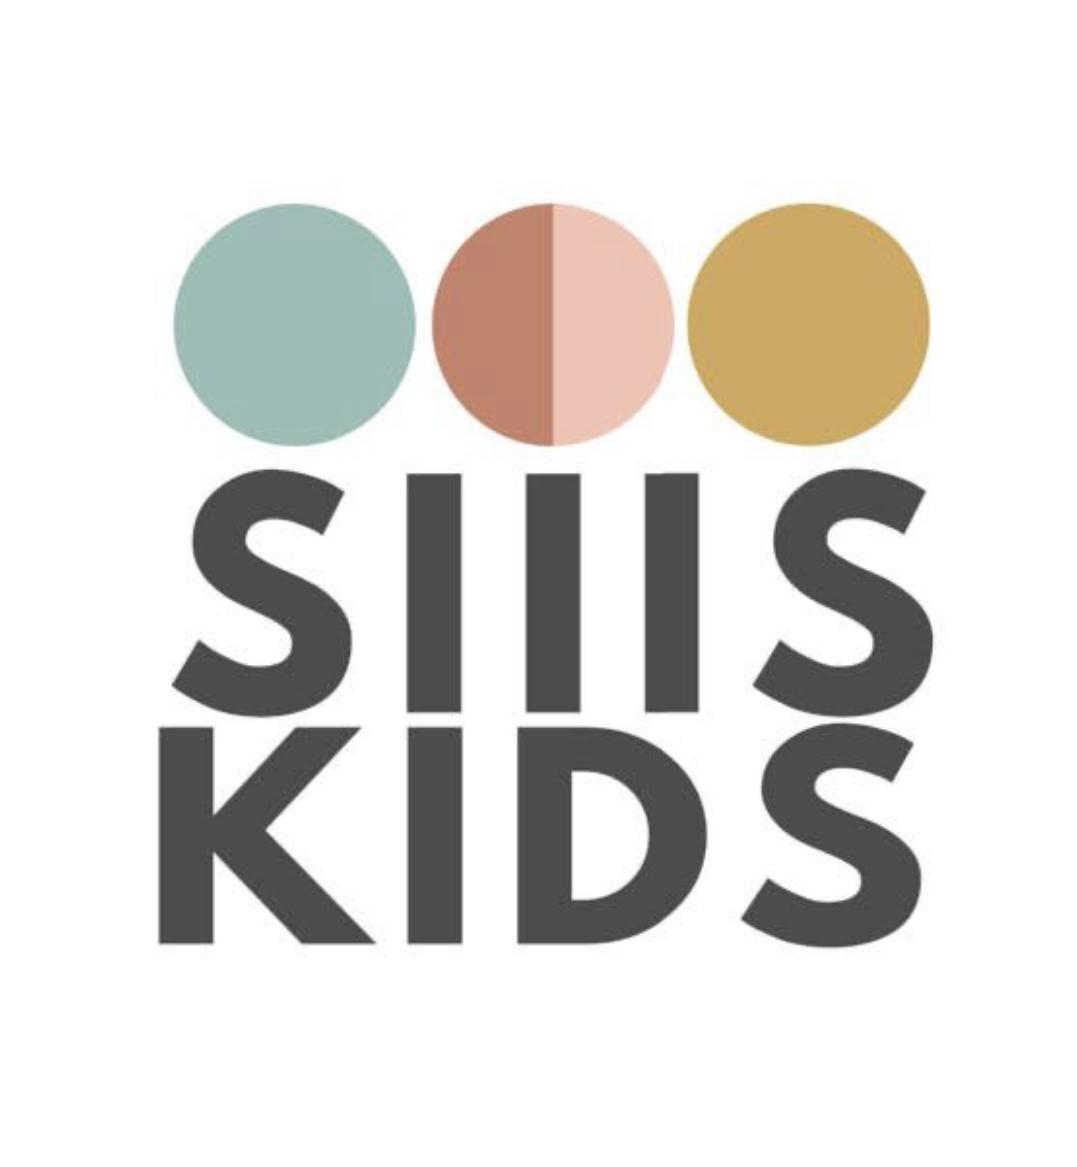 SIIIS KIDS